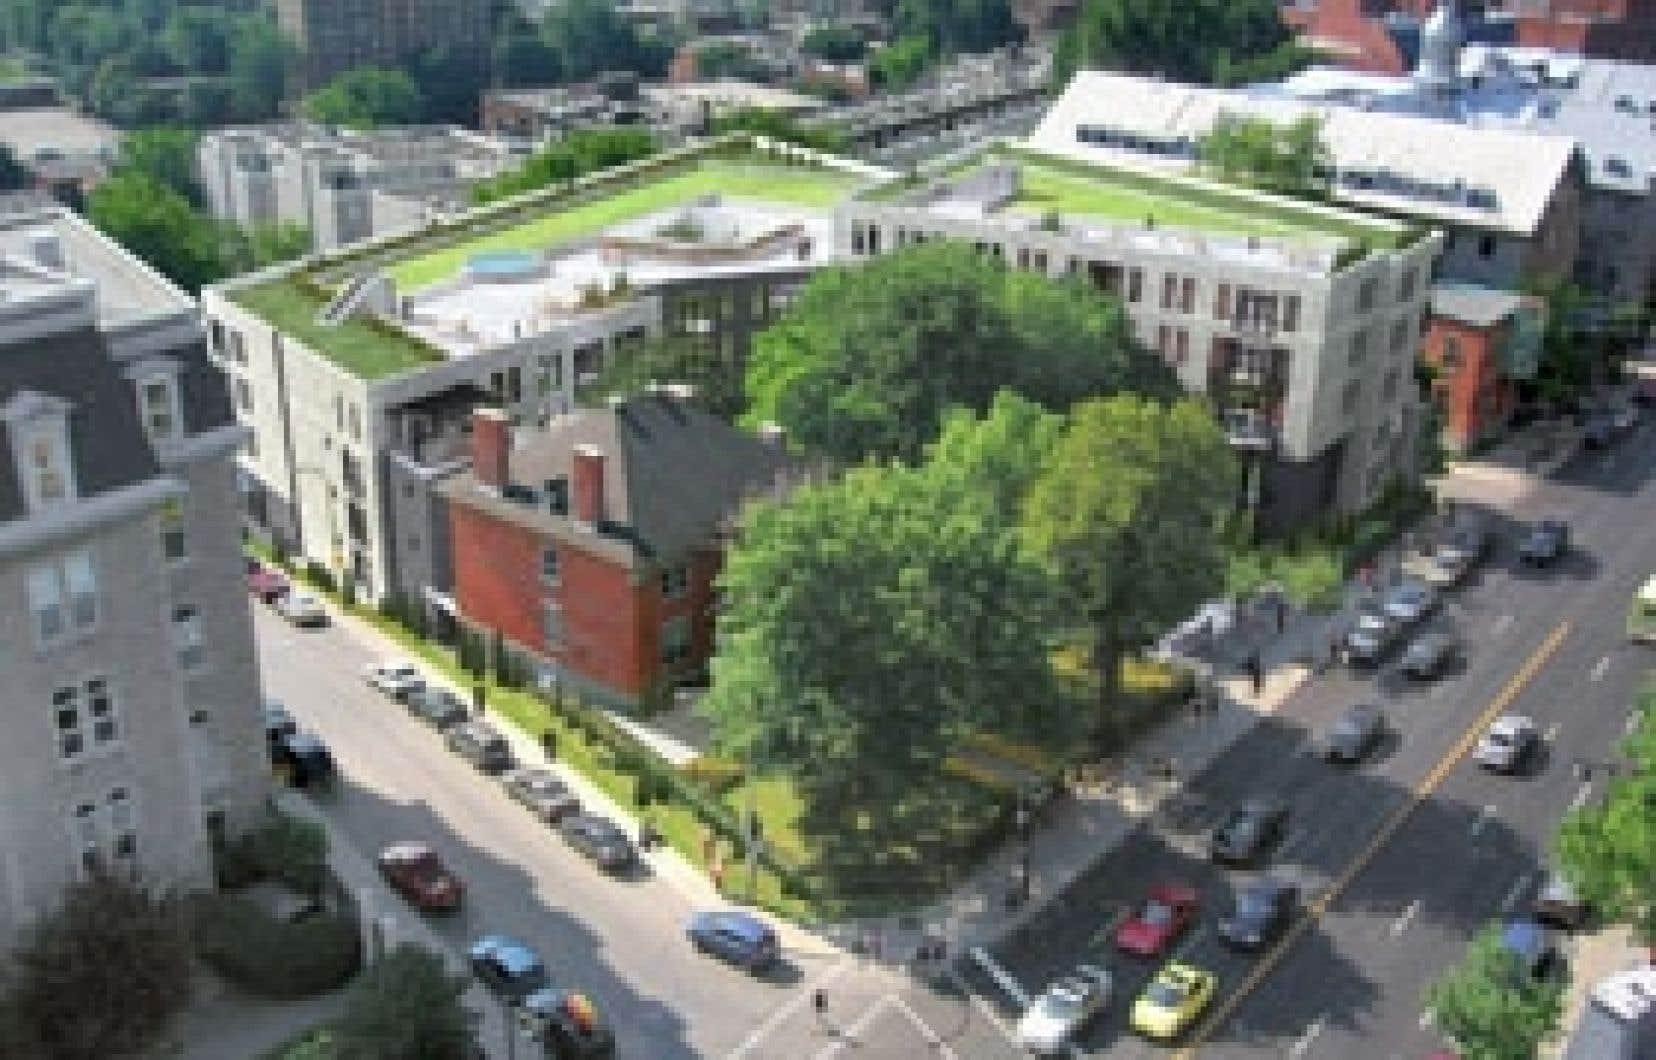 Le projet Montmartre, sur la rue Sherbrooke à Montréal, a été complètement redessiné pour correspondre davantage aux besoins du marché. Source:projet montmartre